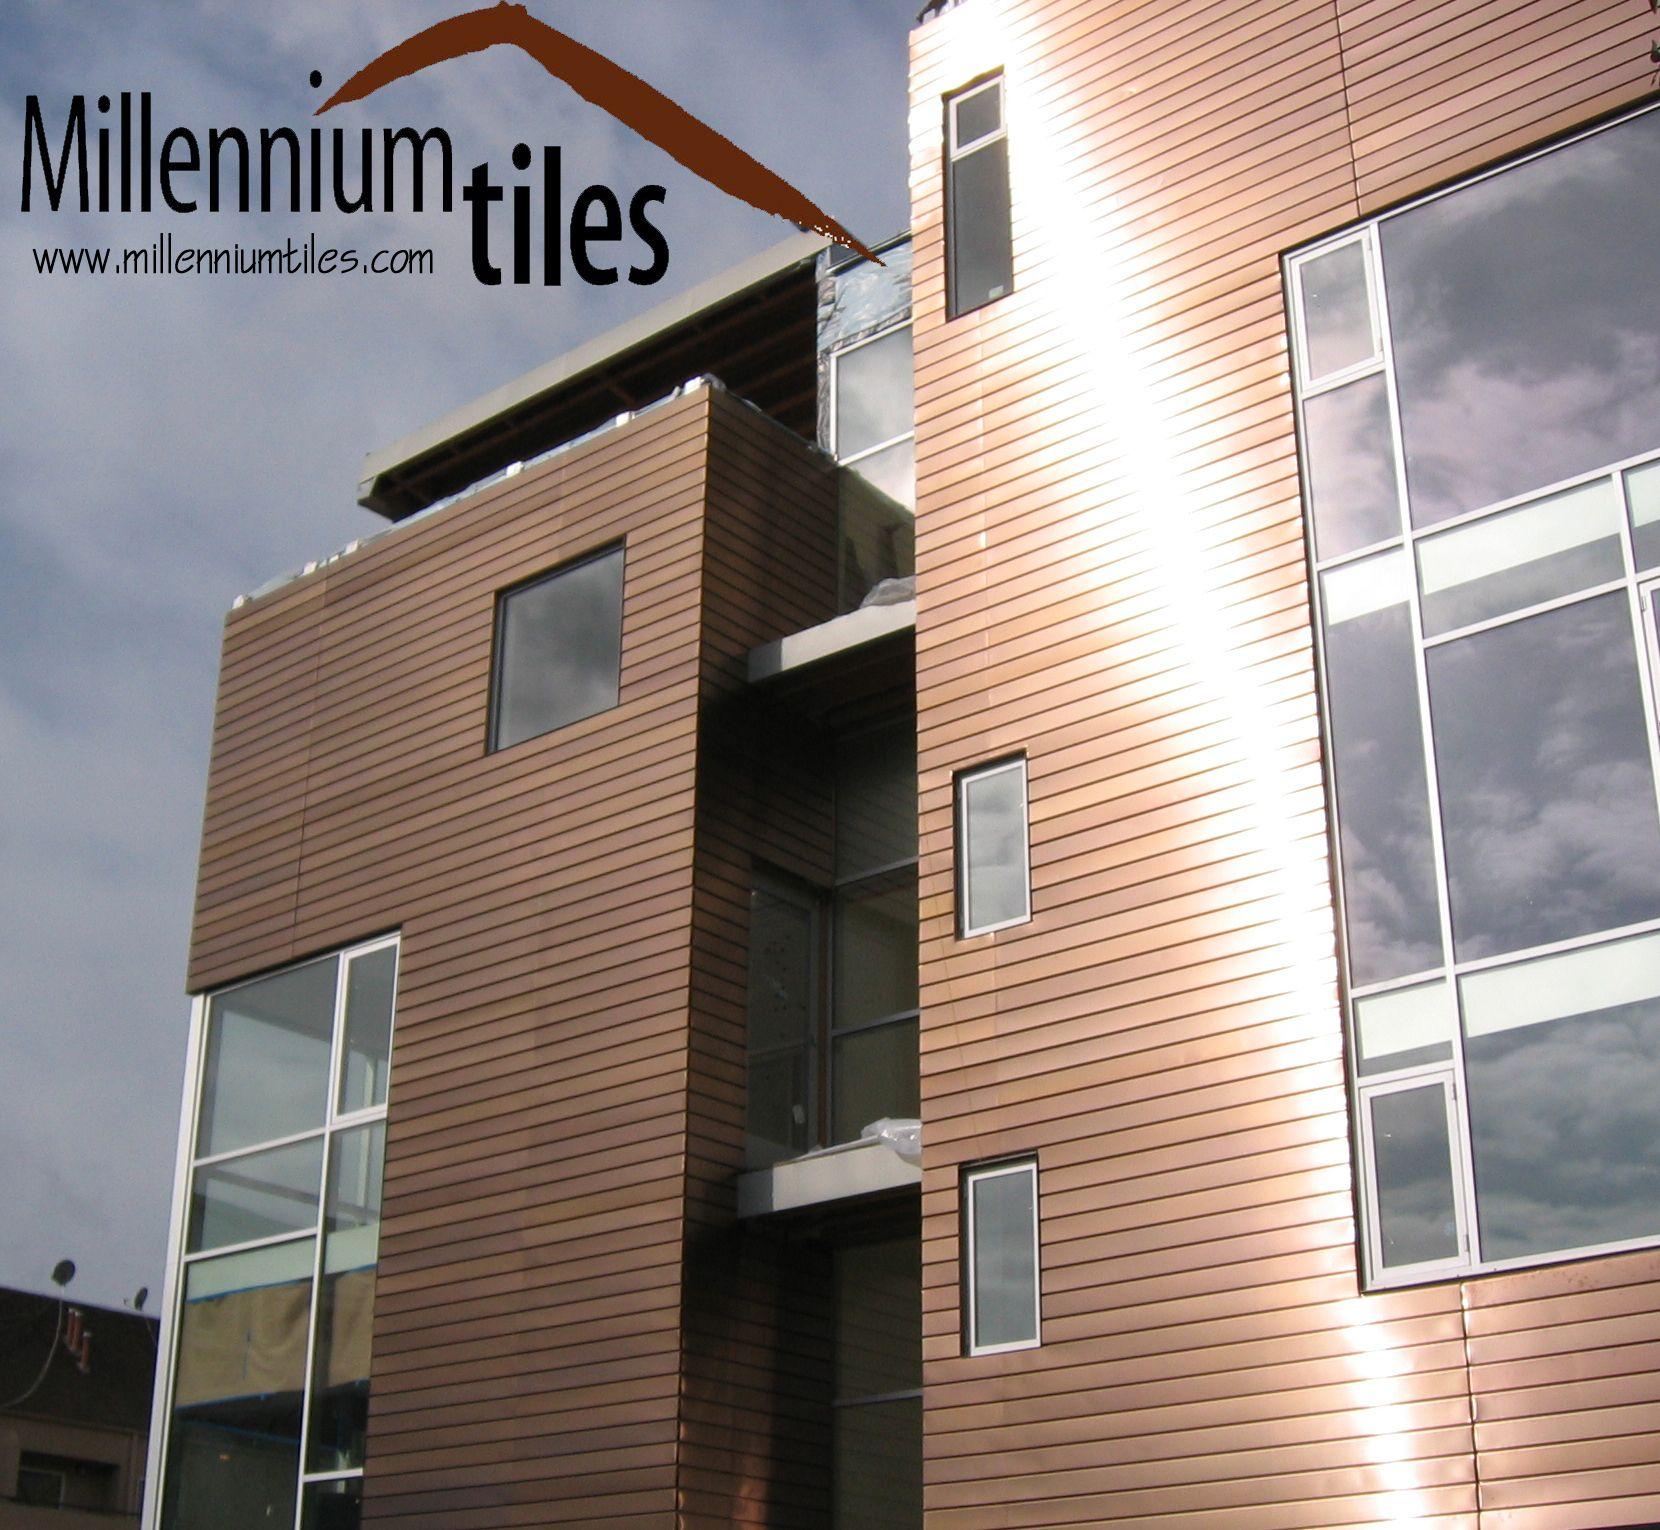 Millennium Tiles Building Materials Facade Construction Facades